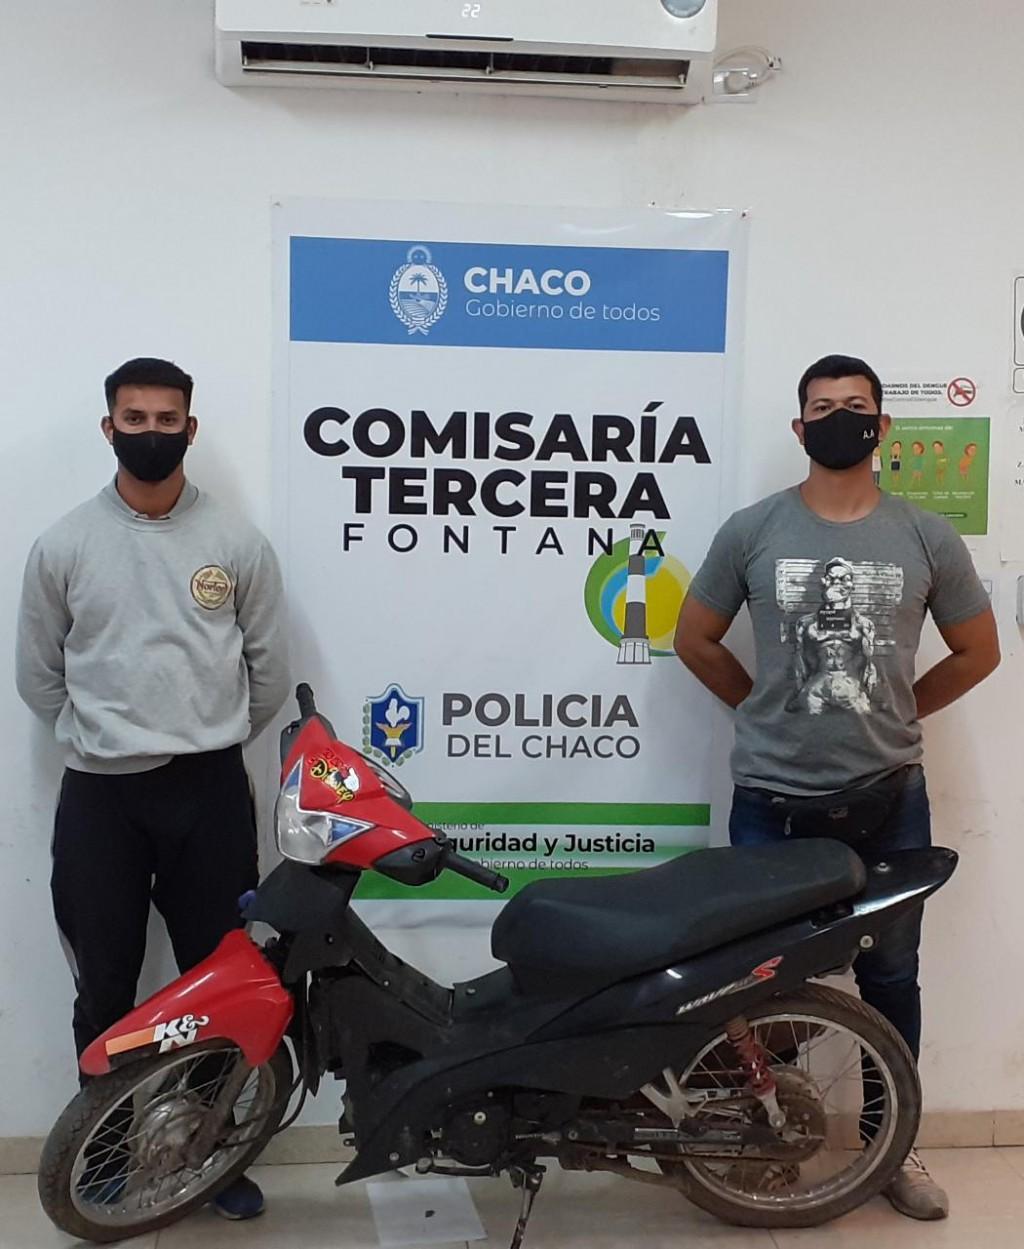 Arremetieron contra los agentes para no entregar una moto robada, terminaron detenidos